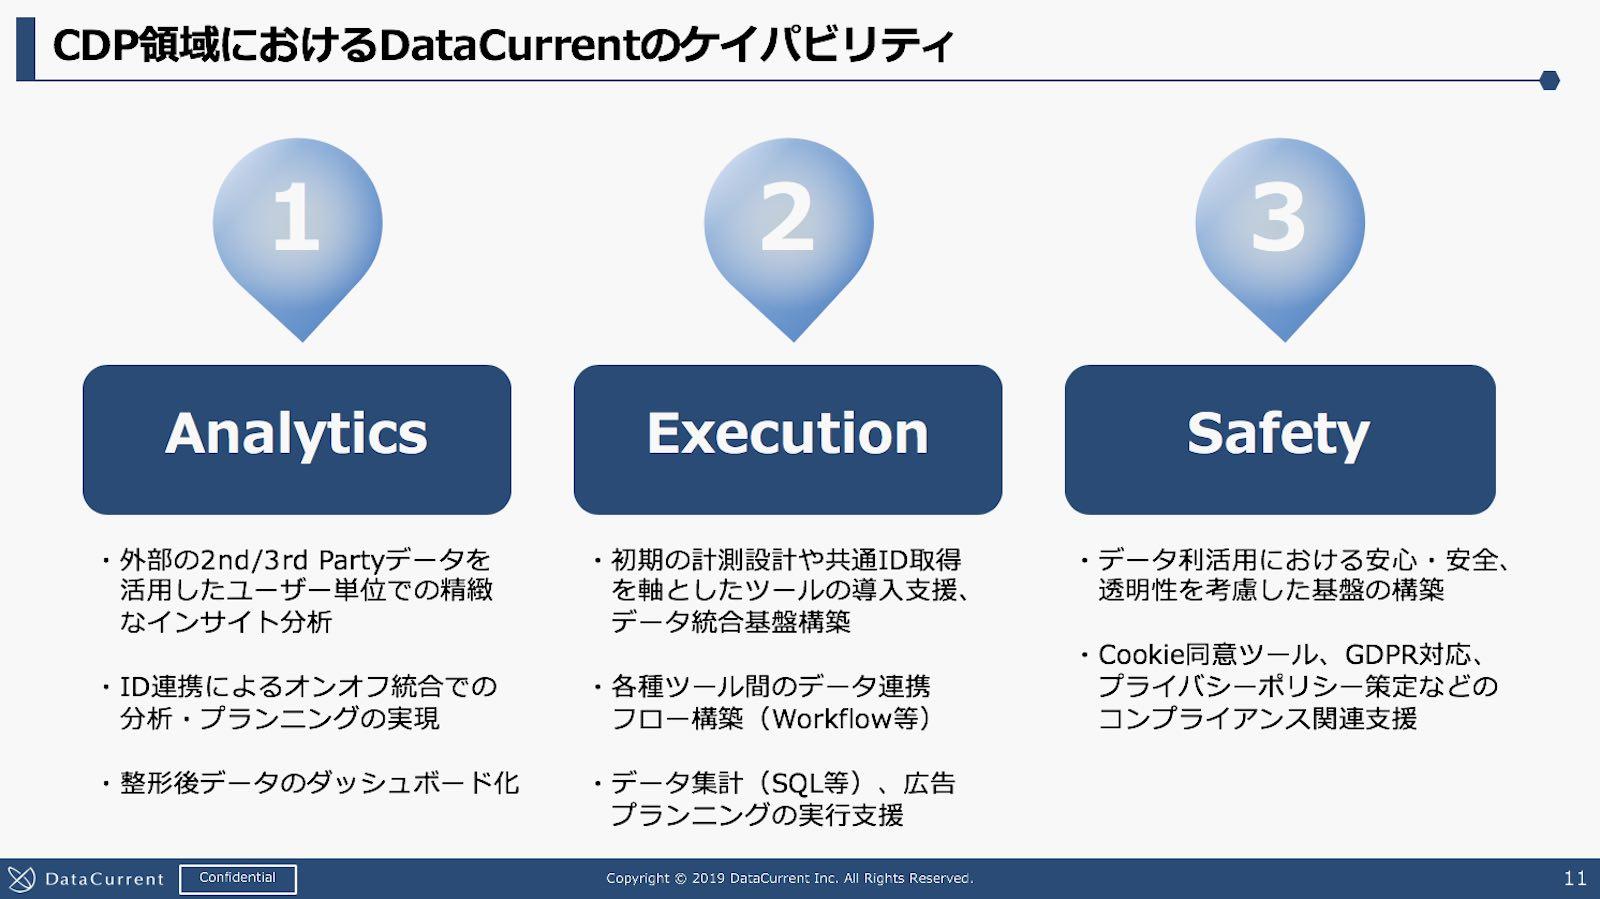 資料:CDP領域におけるDataCurrentのケイパビリティ